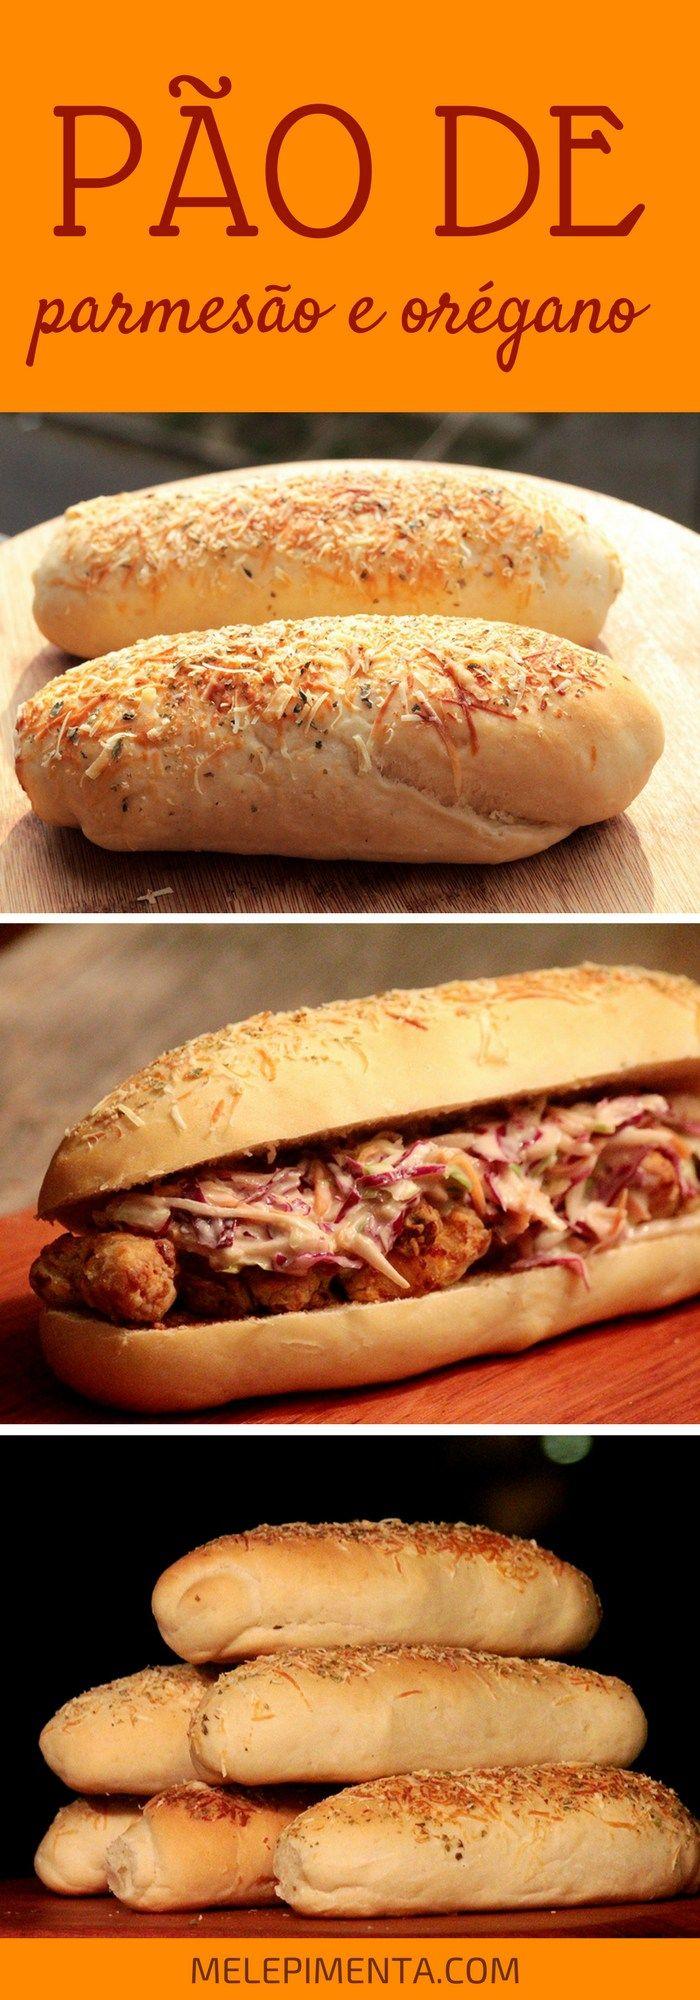 Receita de um delicioso pão de parmesão e orégano para sanduíches - Muito parecido com o famoso pão da Subway, mas ainda mais macio.